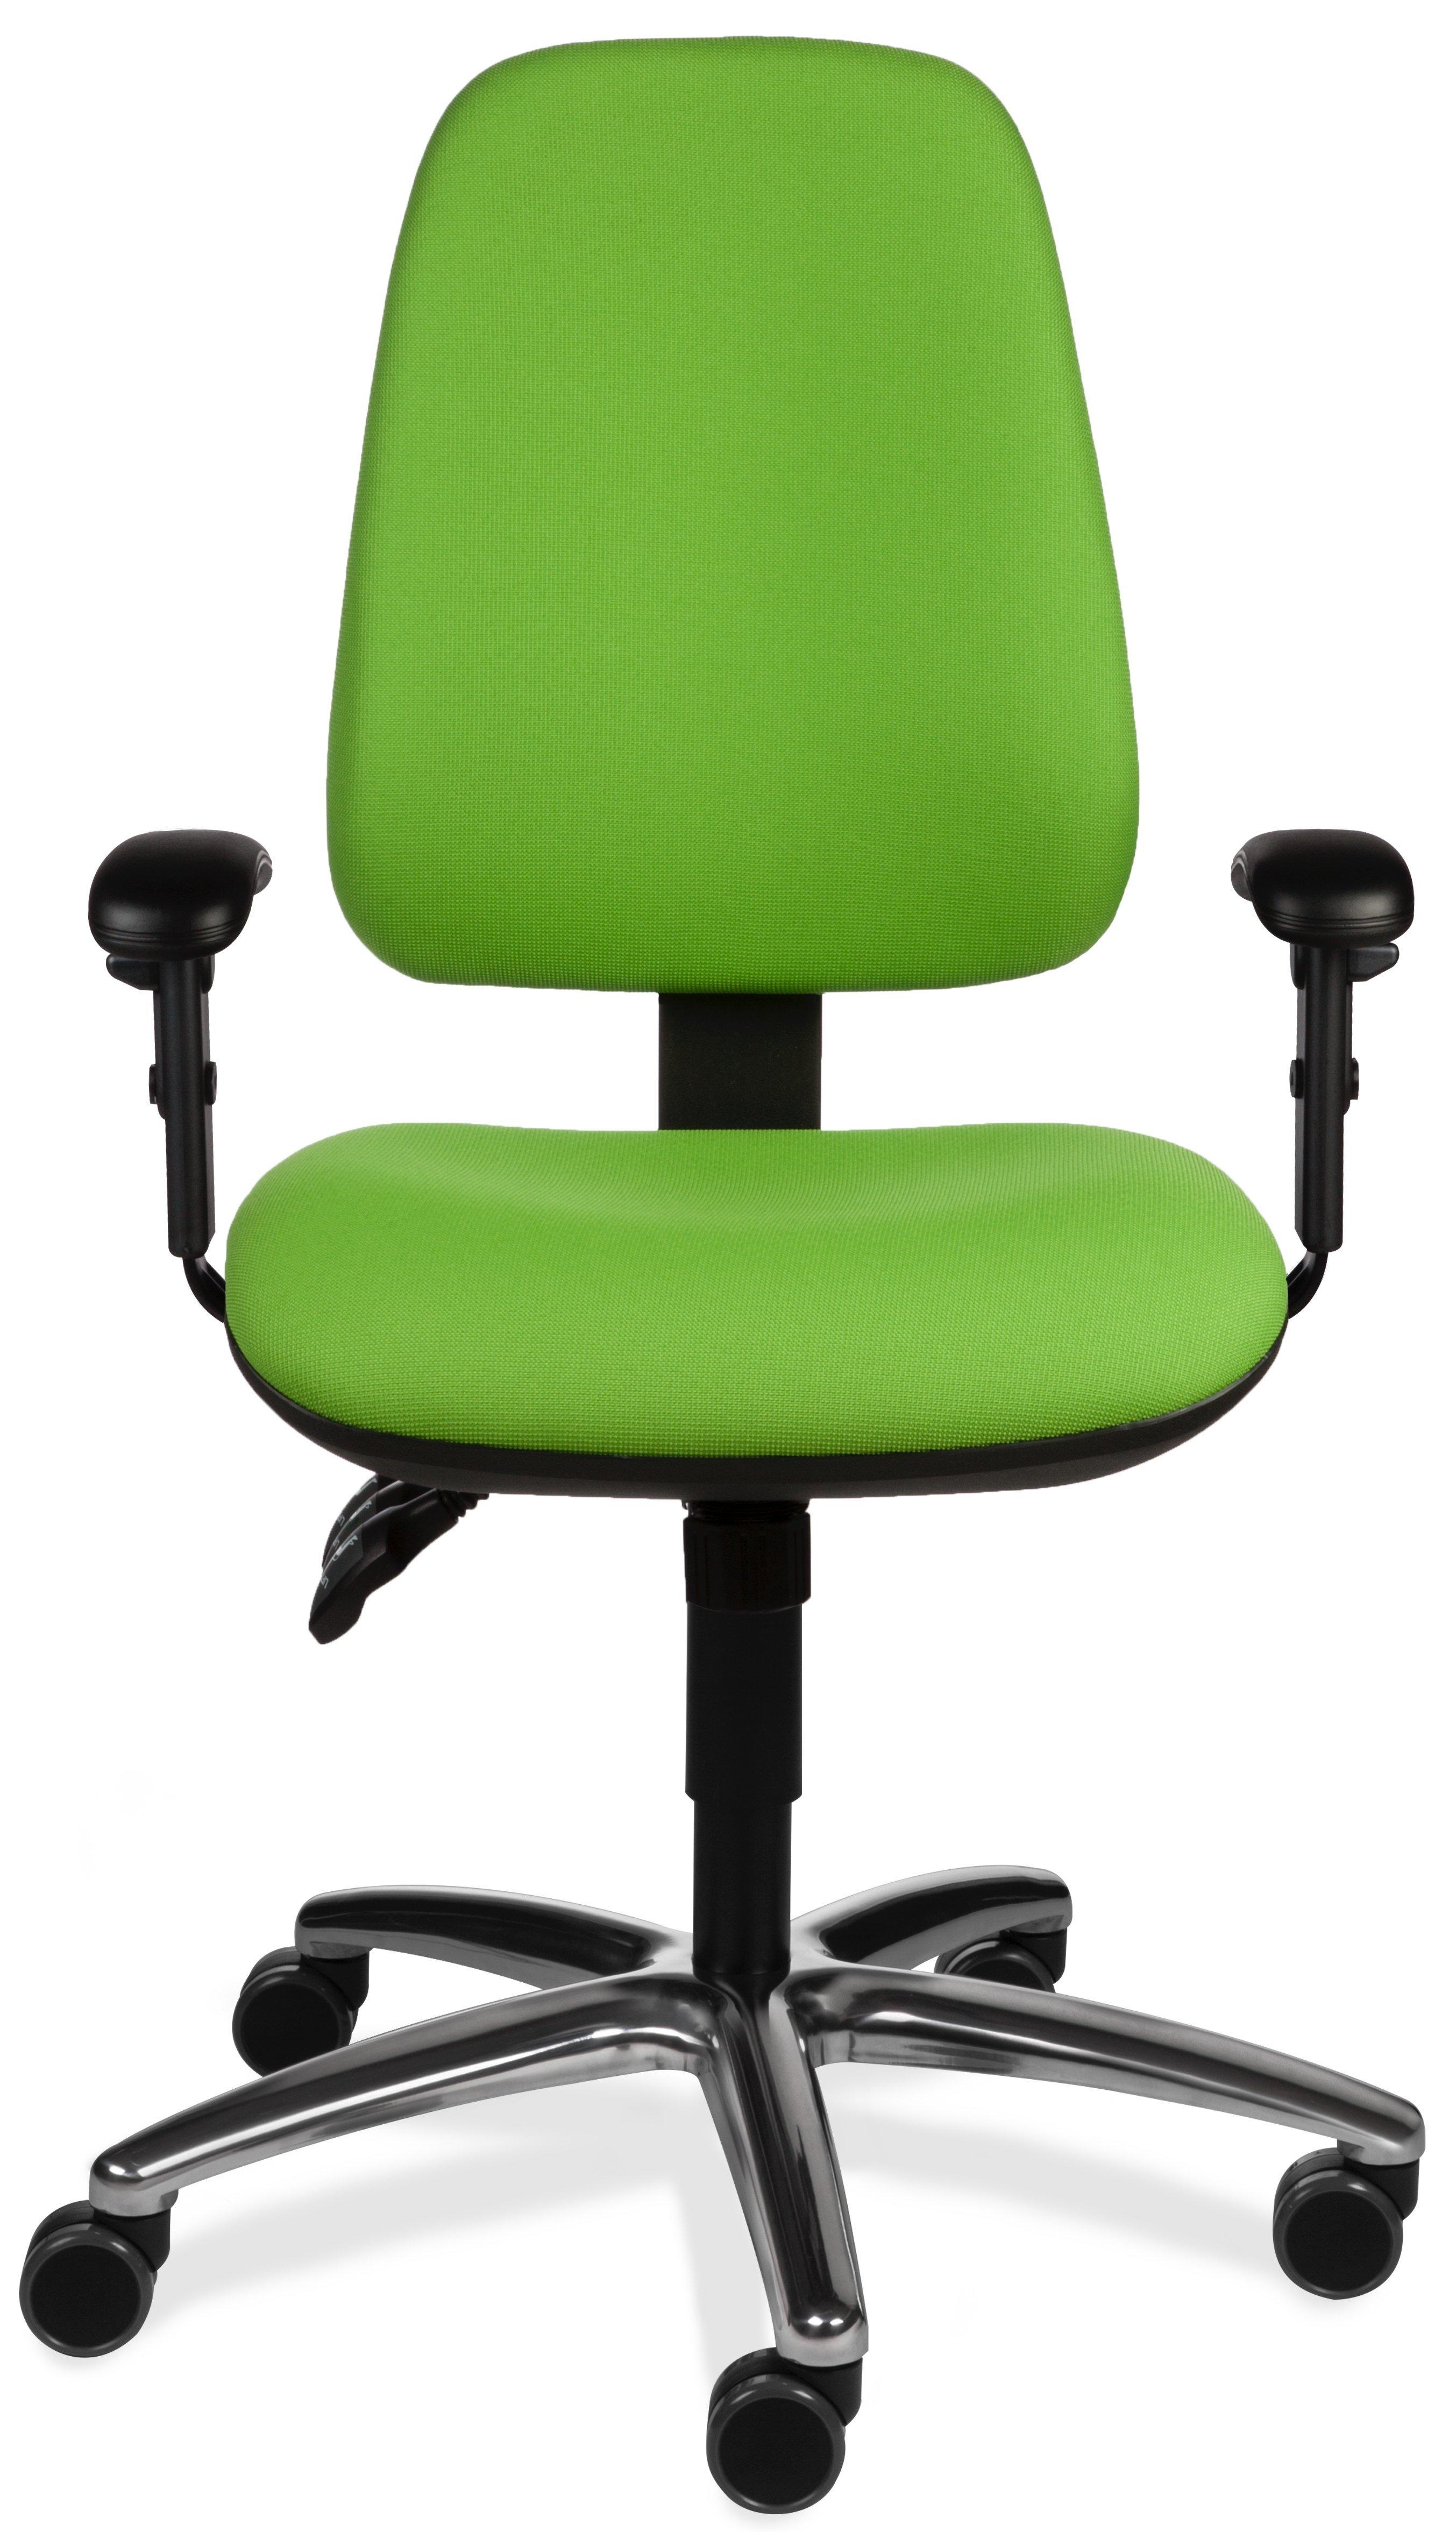 Tex 7510 stof groen